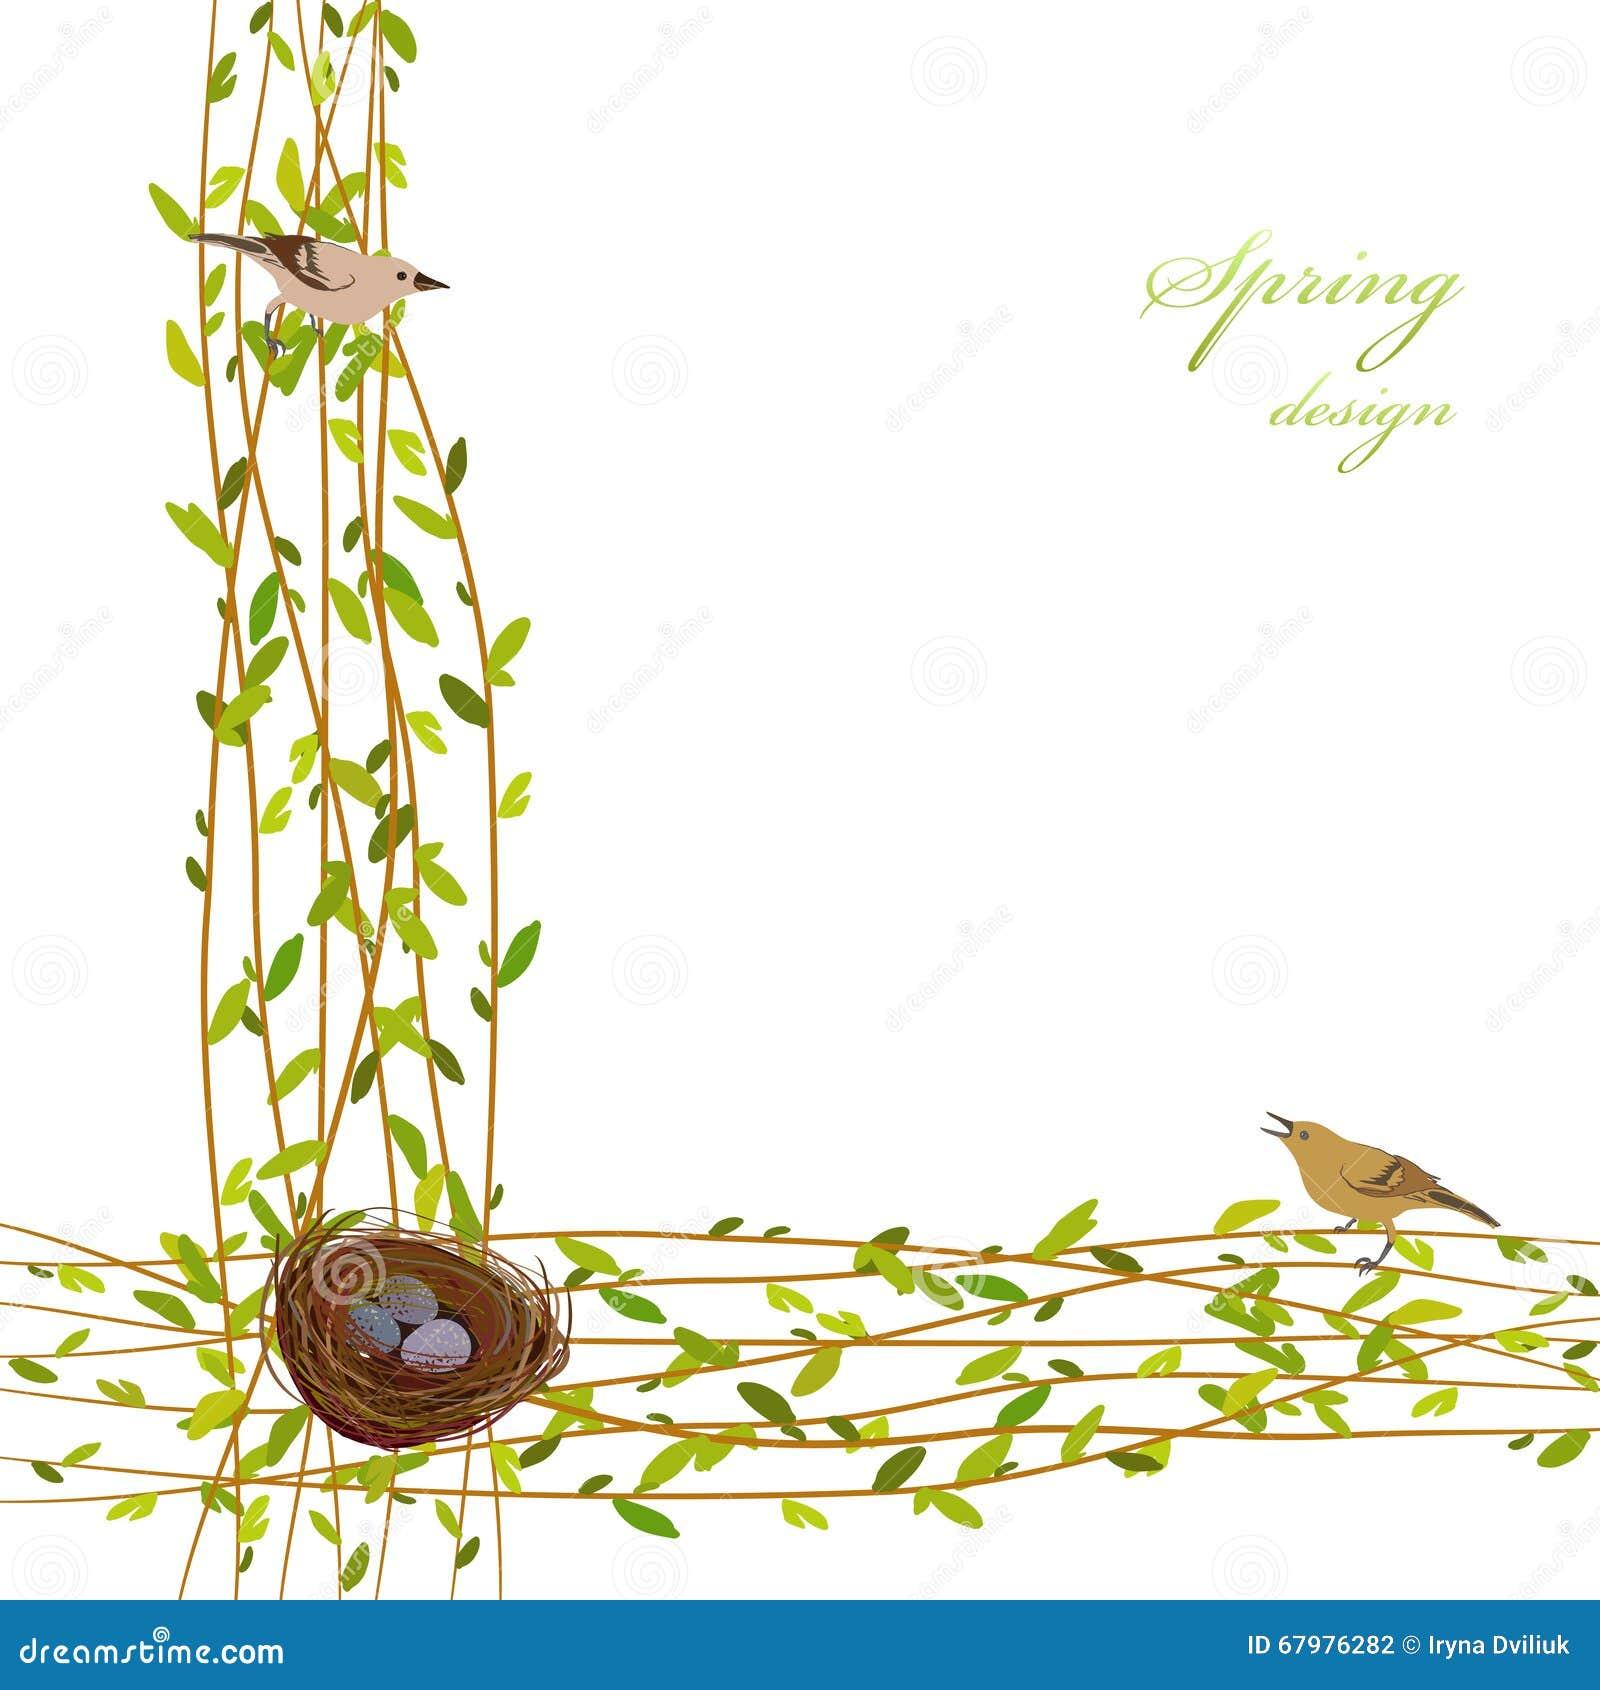 春天背景分支,筑巢,鸟和鸡蛋 毗邻与紫皮柳树的枝杈和绿色叶子的框架图片